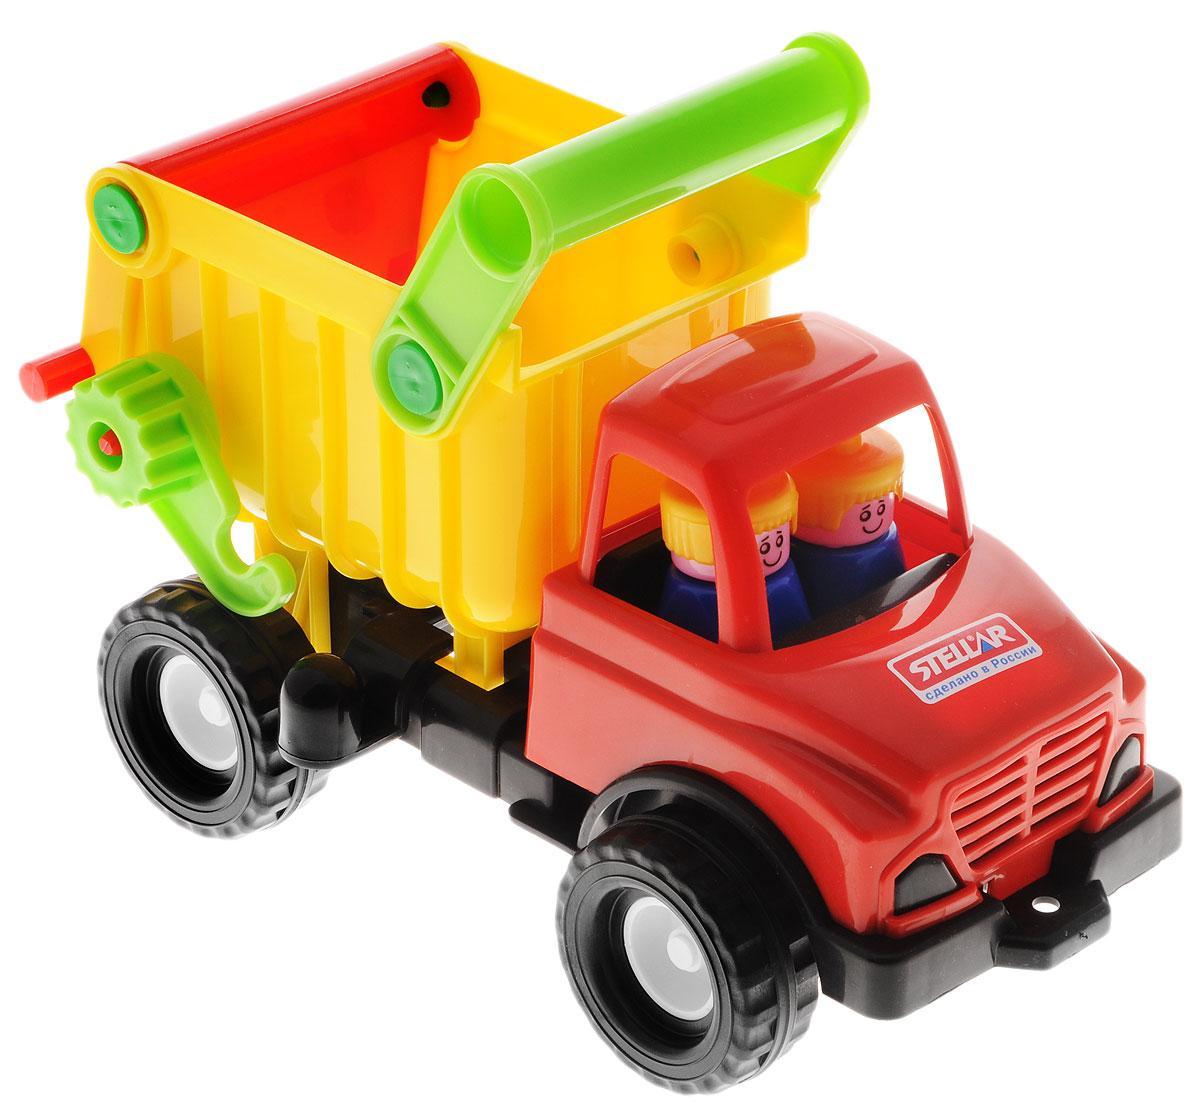 Stellar Грузовик цвет красный желтый черный1401_красный, желтый, черныйГрузовик Stellar отлично подойдет ребенку для различных игр. Вместительный кузов машины поднимается и опускается, задняя стенка кузова открывается. В кабине находятся две фигурки, которые при желании можно извлечь. Большие ребристые колеса обеспечивают машине устойчивость и хорошую проходимость. А еще машину можно возить за веревочку - для этого предусмотрено отверстие на бампере грузовика. Игрушка выполнена из прочного полипропилена, который позволяет выдерживать большие нагрузки. Ваш юный строитель сможет прекрасно провести время дома или на улице, подвозя к месту игрушечной стройки необходимые предметы на этом красочном грузовике.